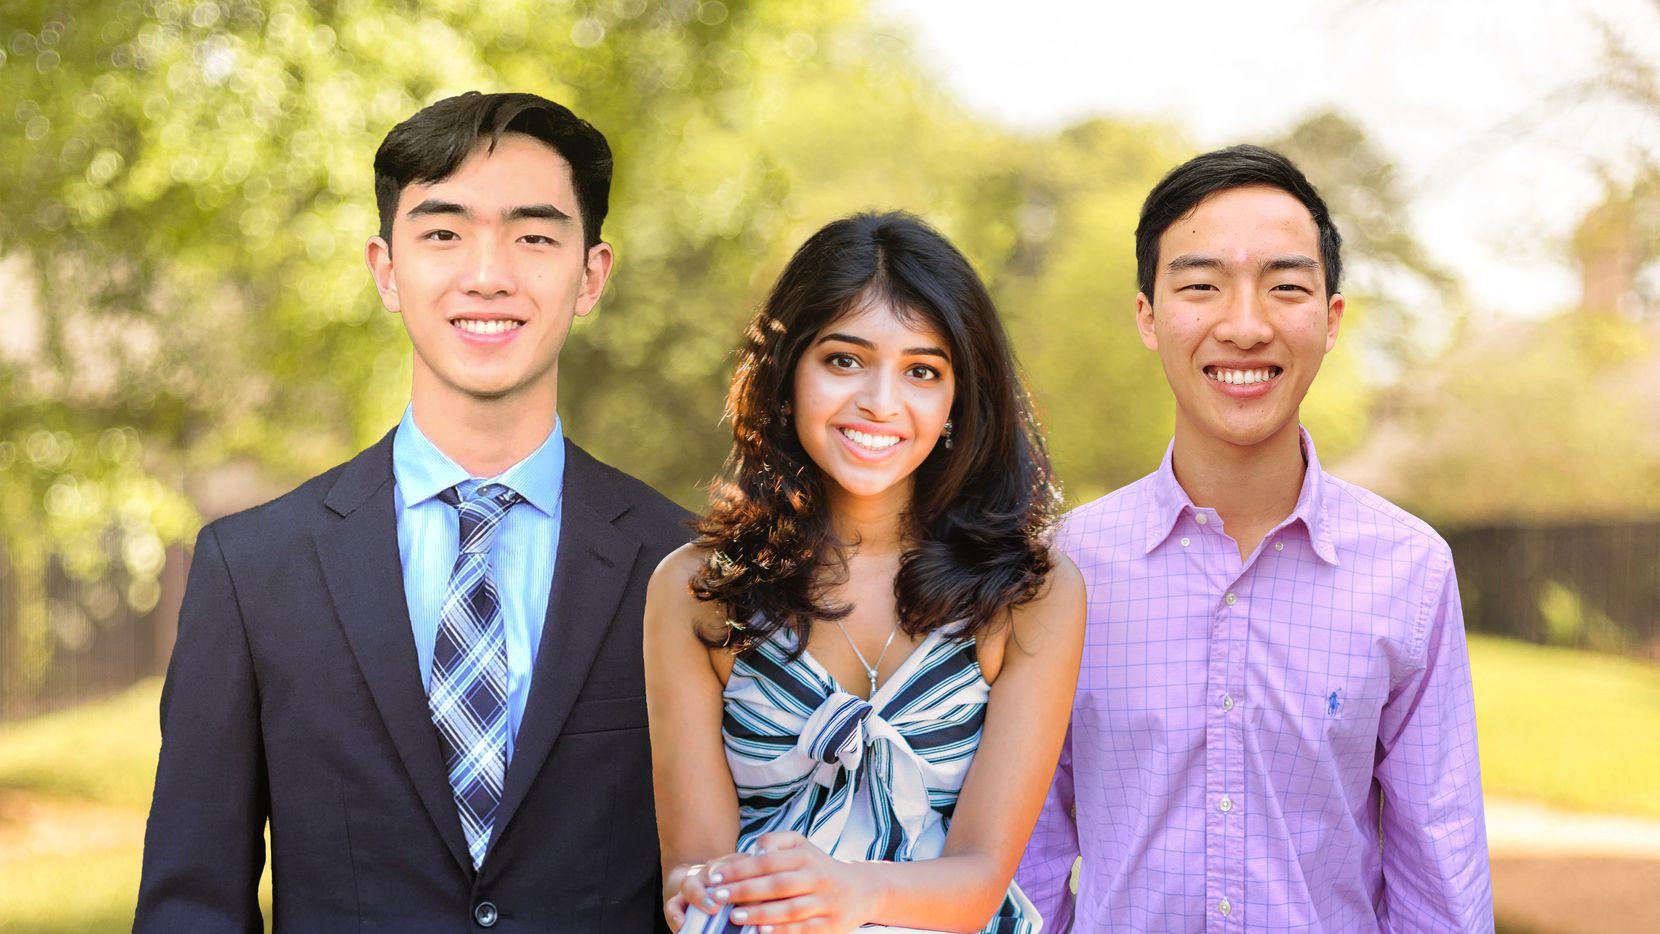 Allen Zhou, Aditi Merchant and Anthony Zhou, founders of Big & Mini.